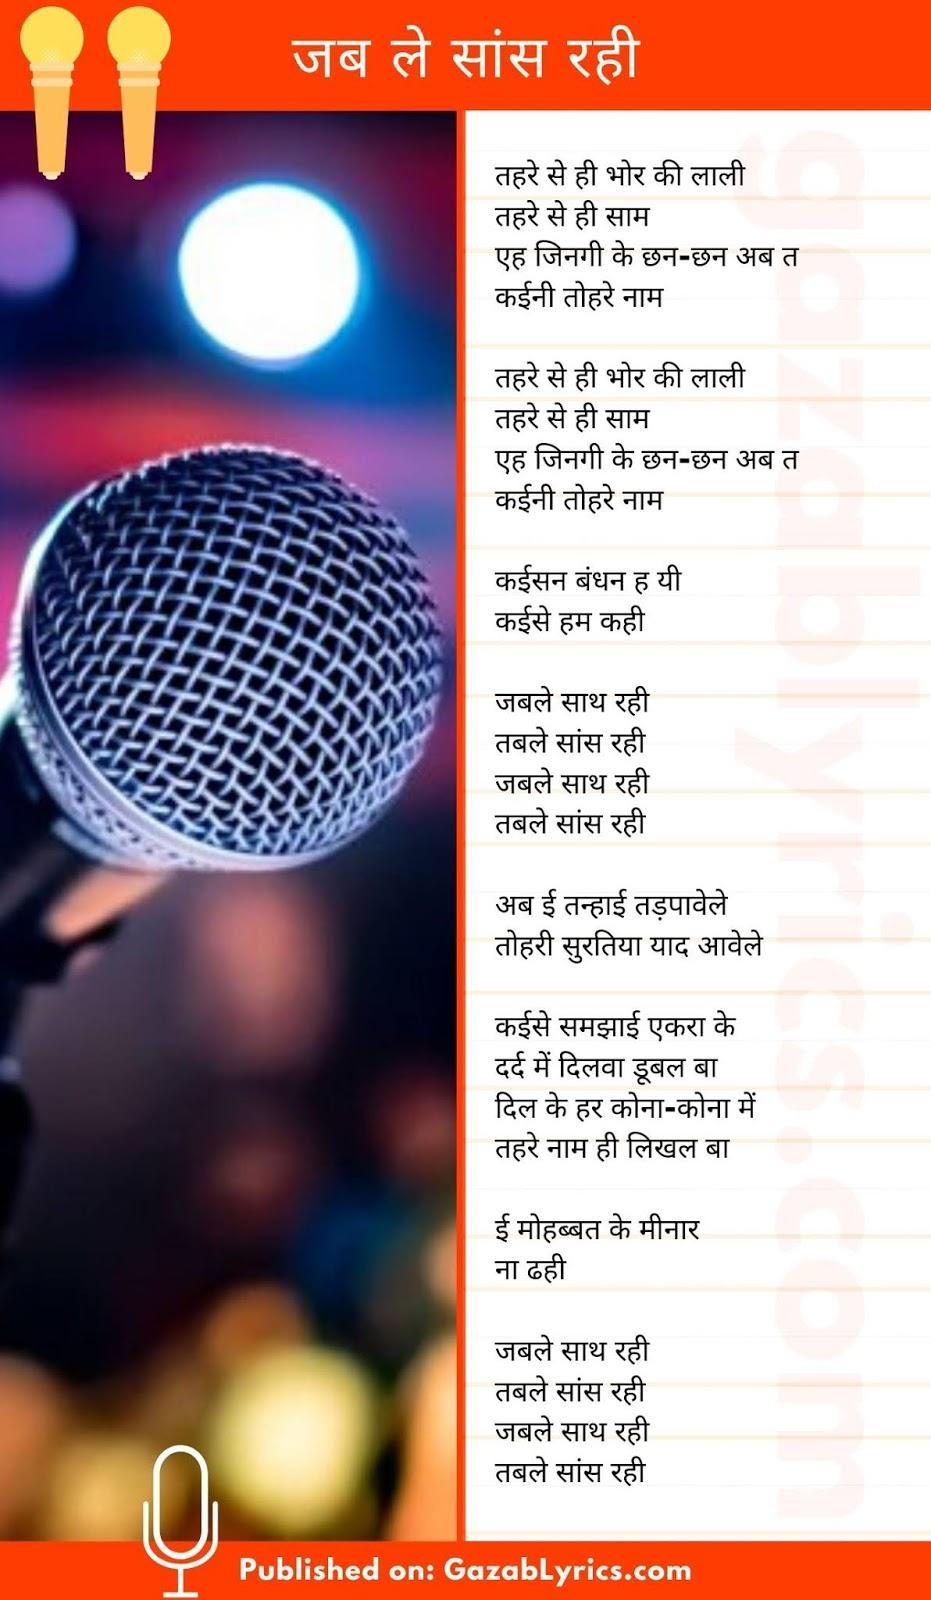 Jab Le Sans Rahi song lyrics image